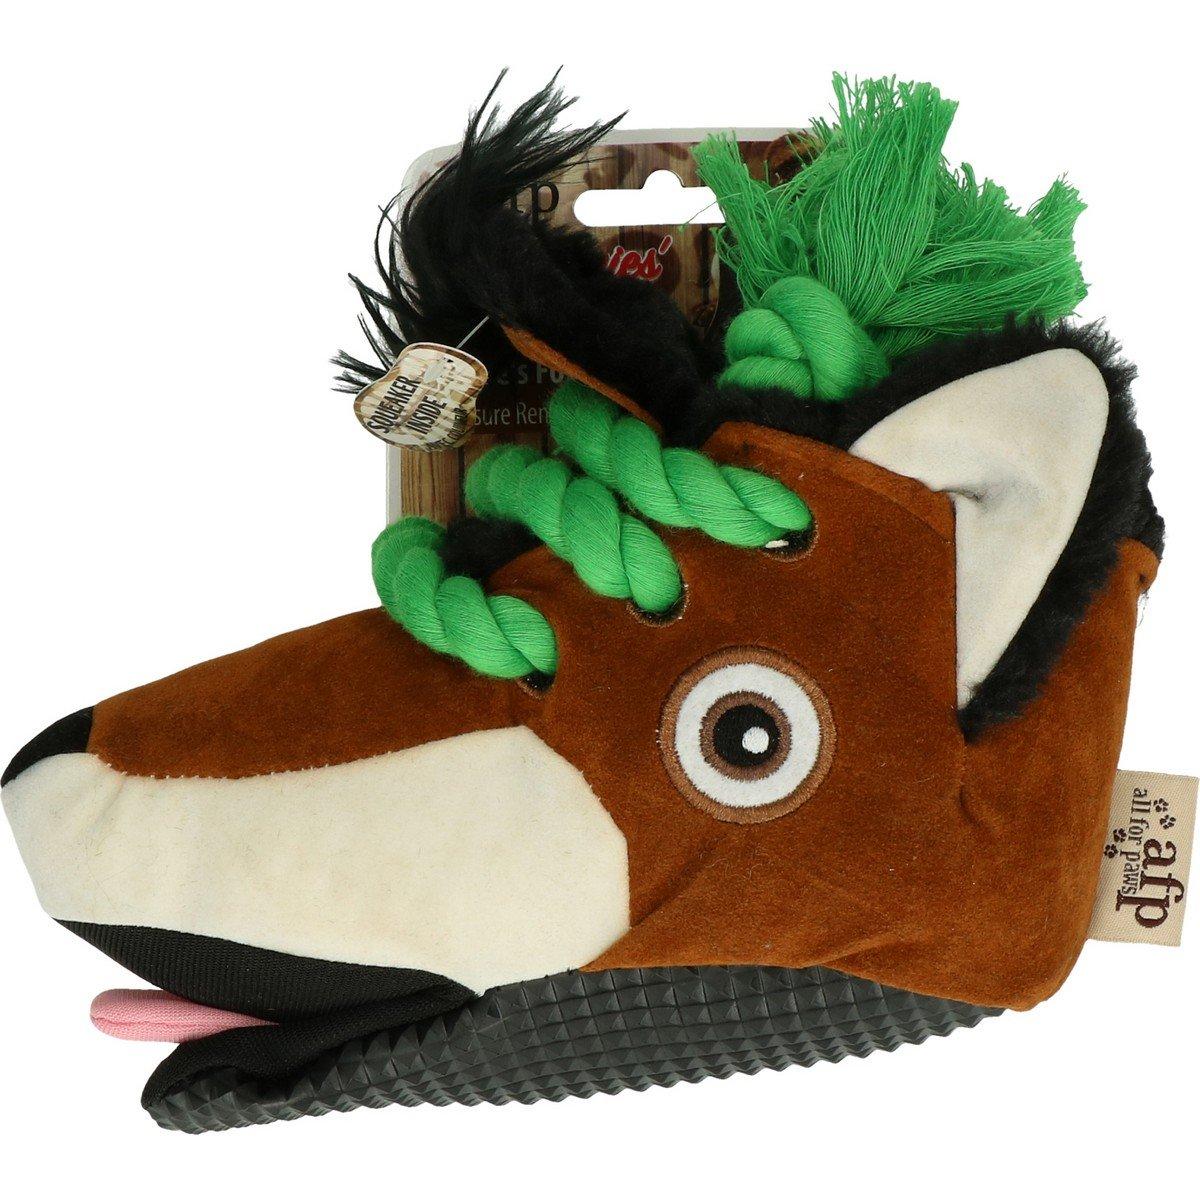 Afbeelding van AFP Doggy's Fox Shoes 1 st